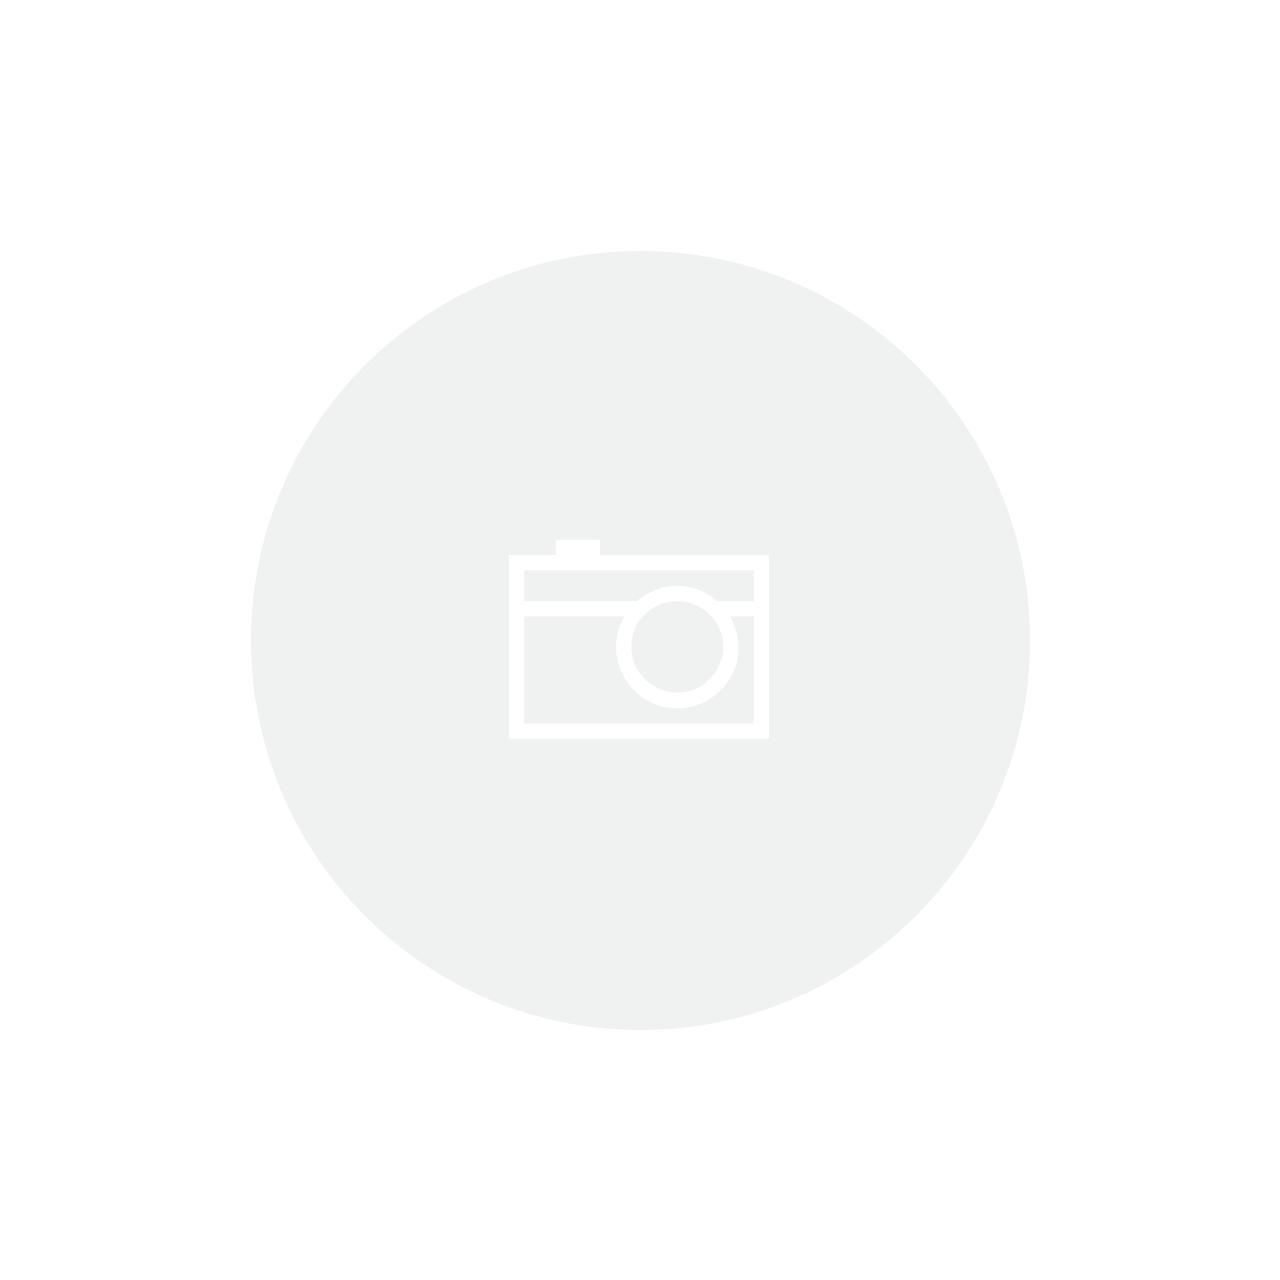 Papel Vazado 180g - 03 Canário